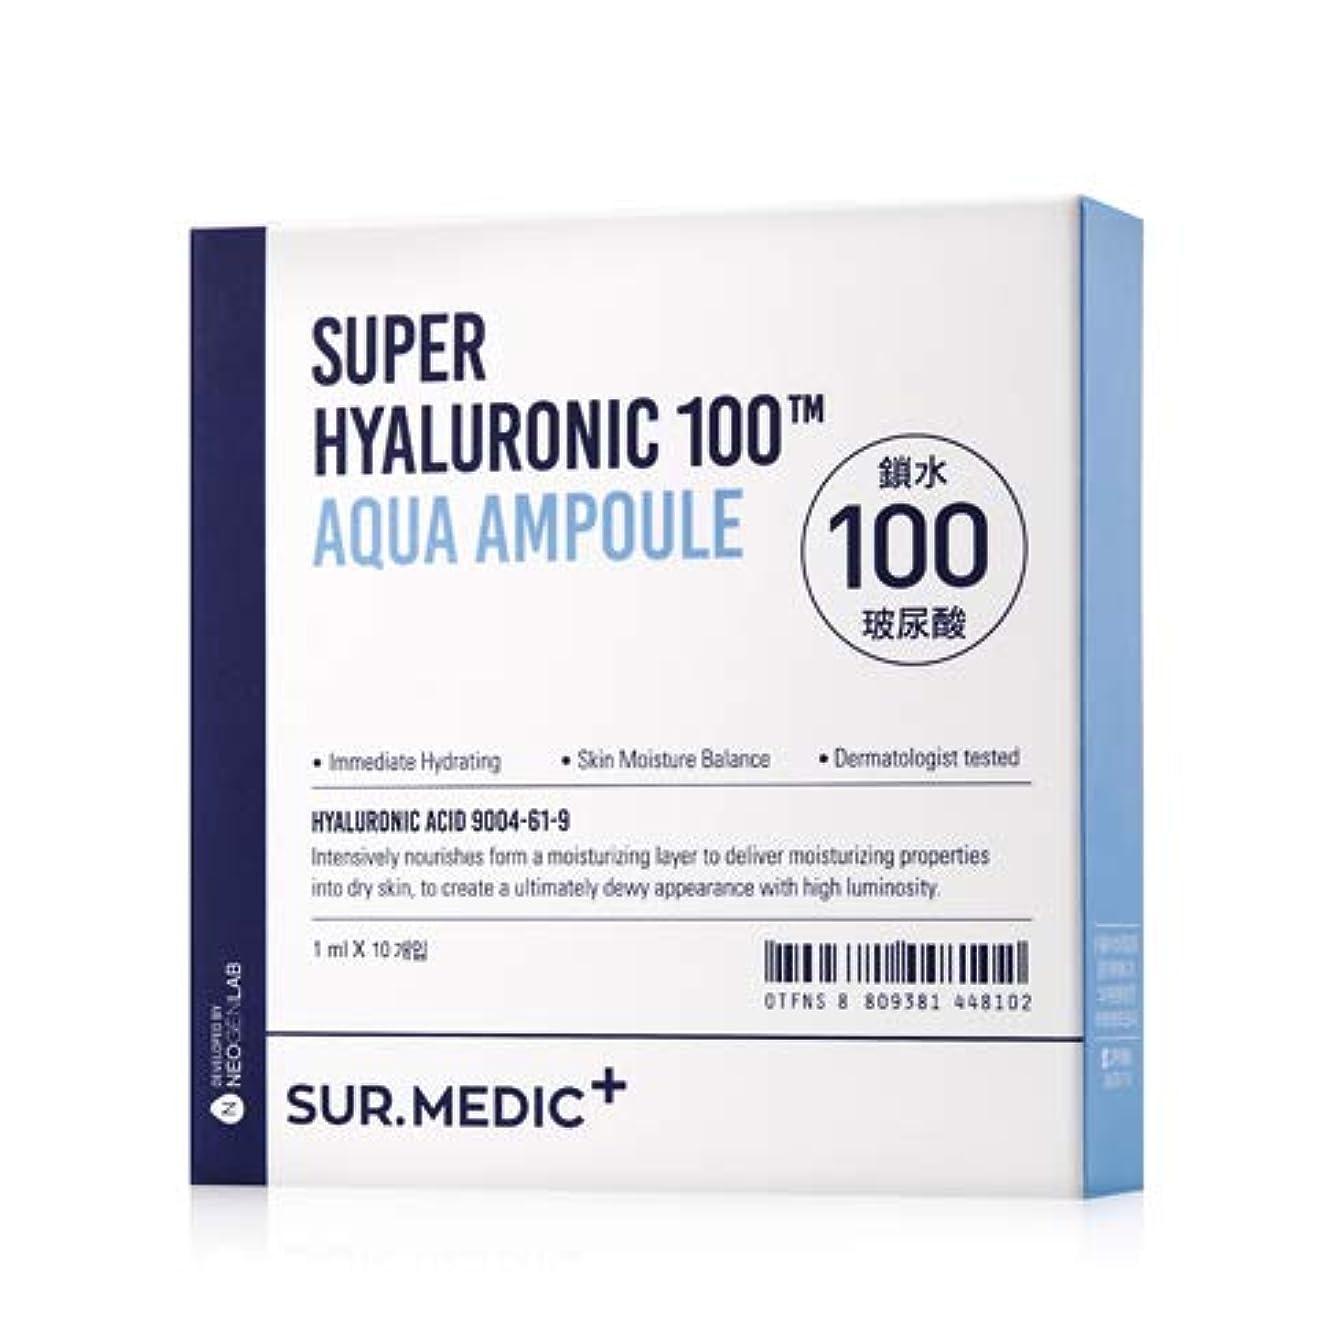 苦神経衰弱配当SUR.MEDIC スーパーヒアルロン酸100アクアアンプル1mlx10EA / Super Hyaluronic 100 Aqua Ampoule